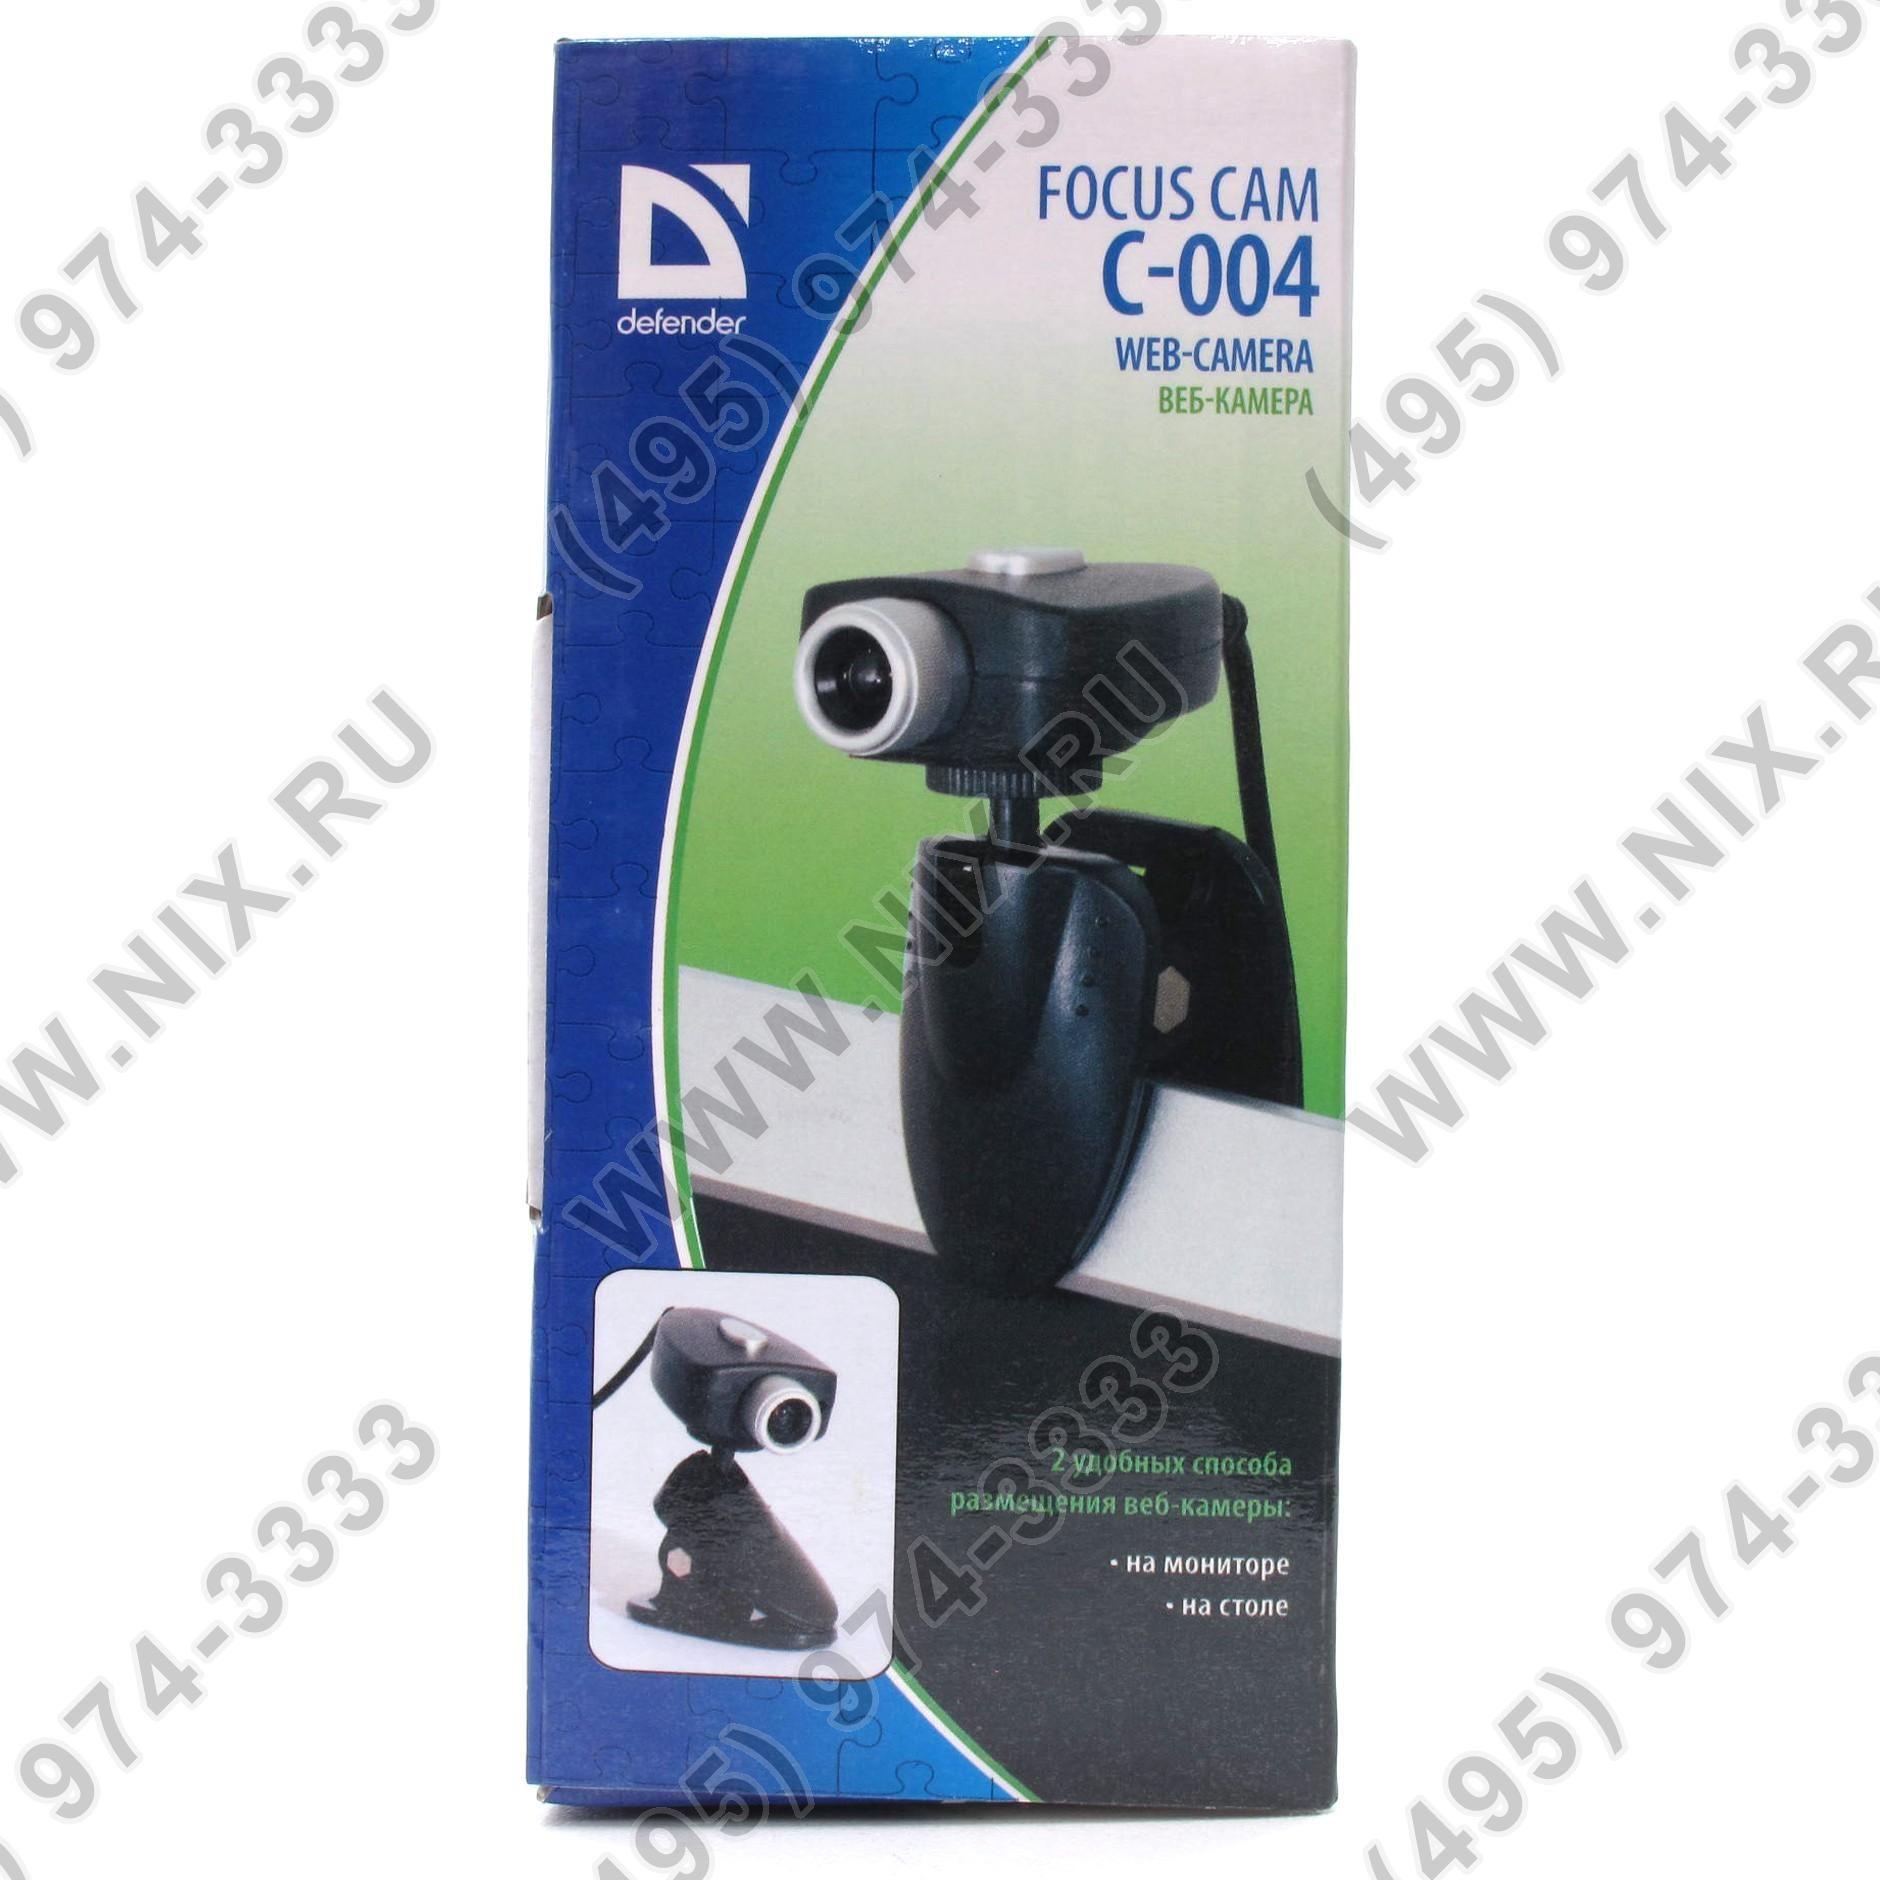 Defender скачать драйвер для веб камеры